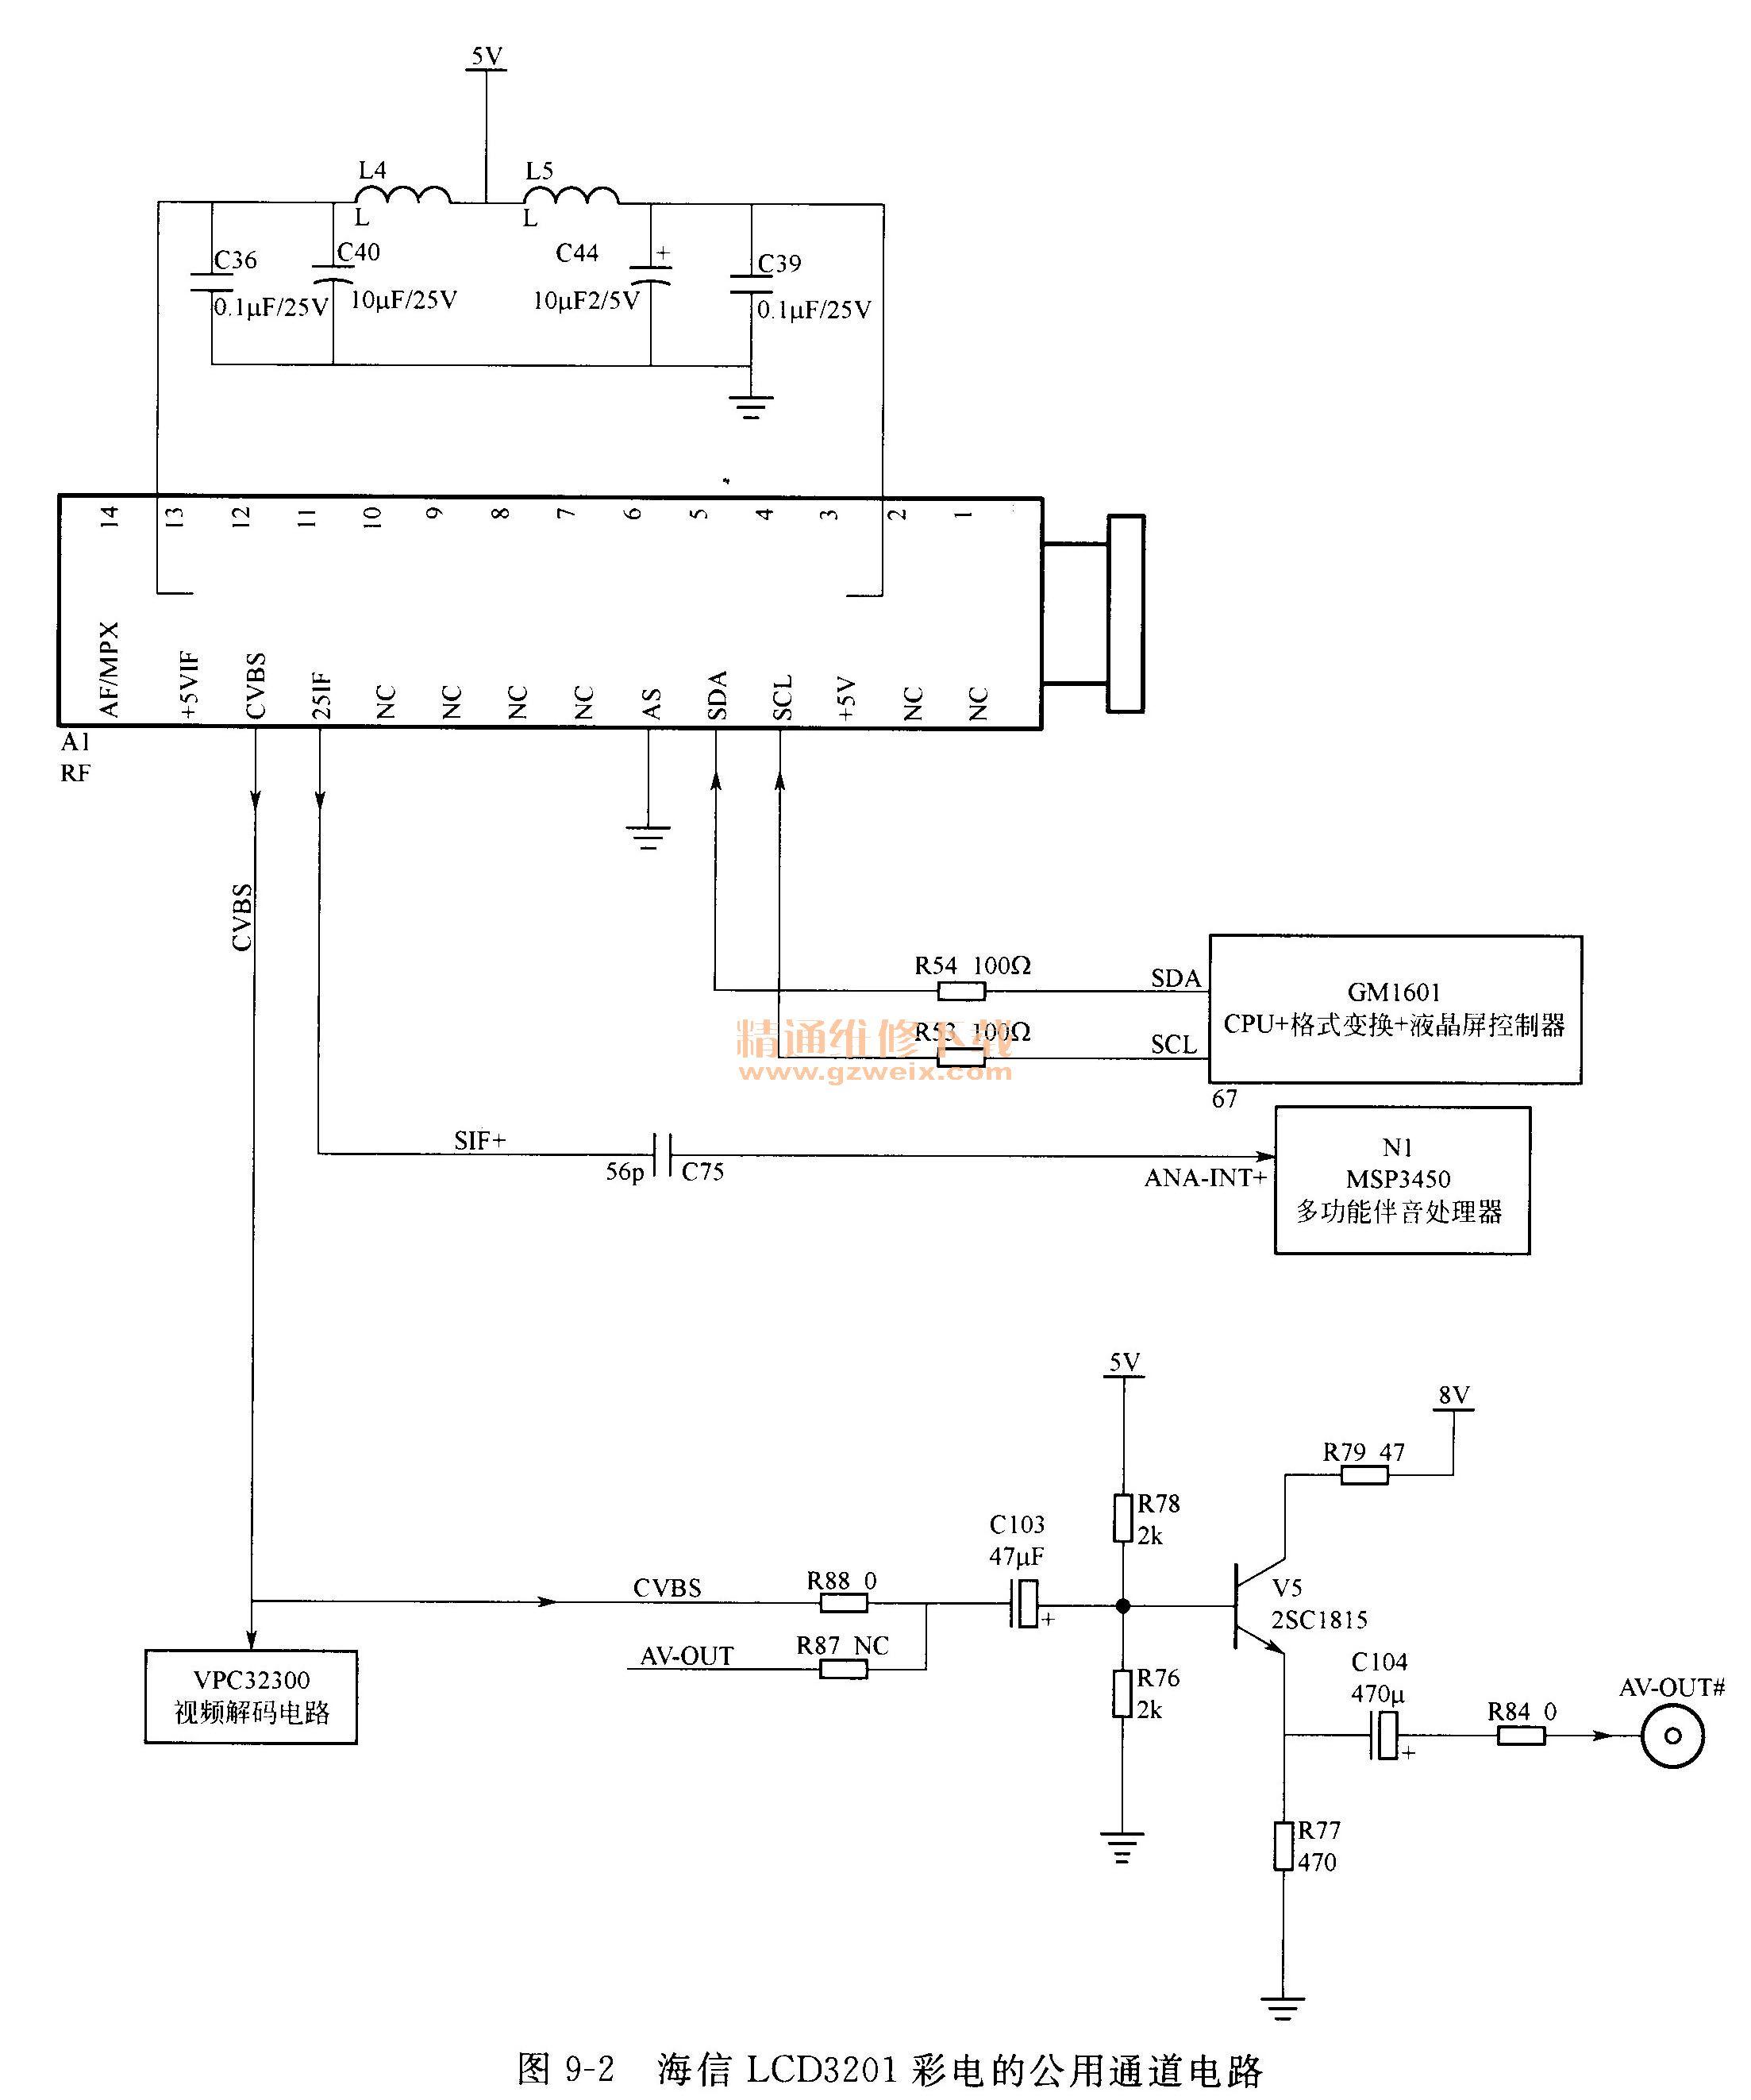 第9章 公用通道维修 为便于读者对信号处理板电路有一个整体的认识,本章仍以海信LCD3201液晶电视机的公用通道/伴音板为主线介绍,同时对其他的典型类型进行简介。 9.1公用通道的精解 液晶电视机公用信道的任务与CRT电视机基本相同,即接收RF射频信号并变换为视频信号和伴音信号。目前液晶电视机的公用通道有两种电路结构:中频一体化高频调谐器、高频调谐器+中频通道。 9.